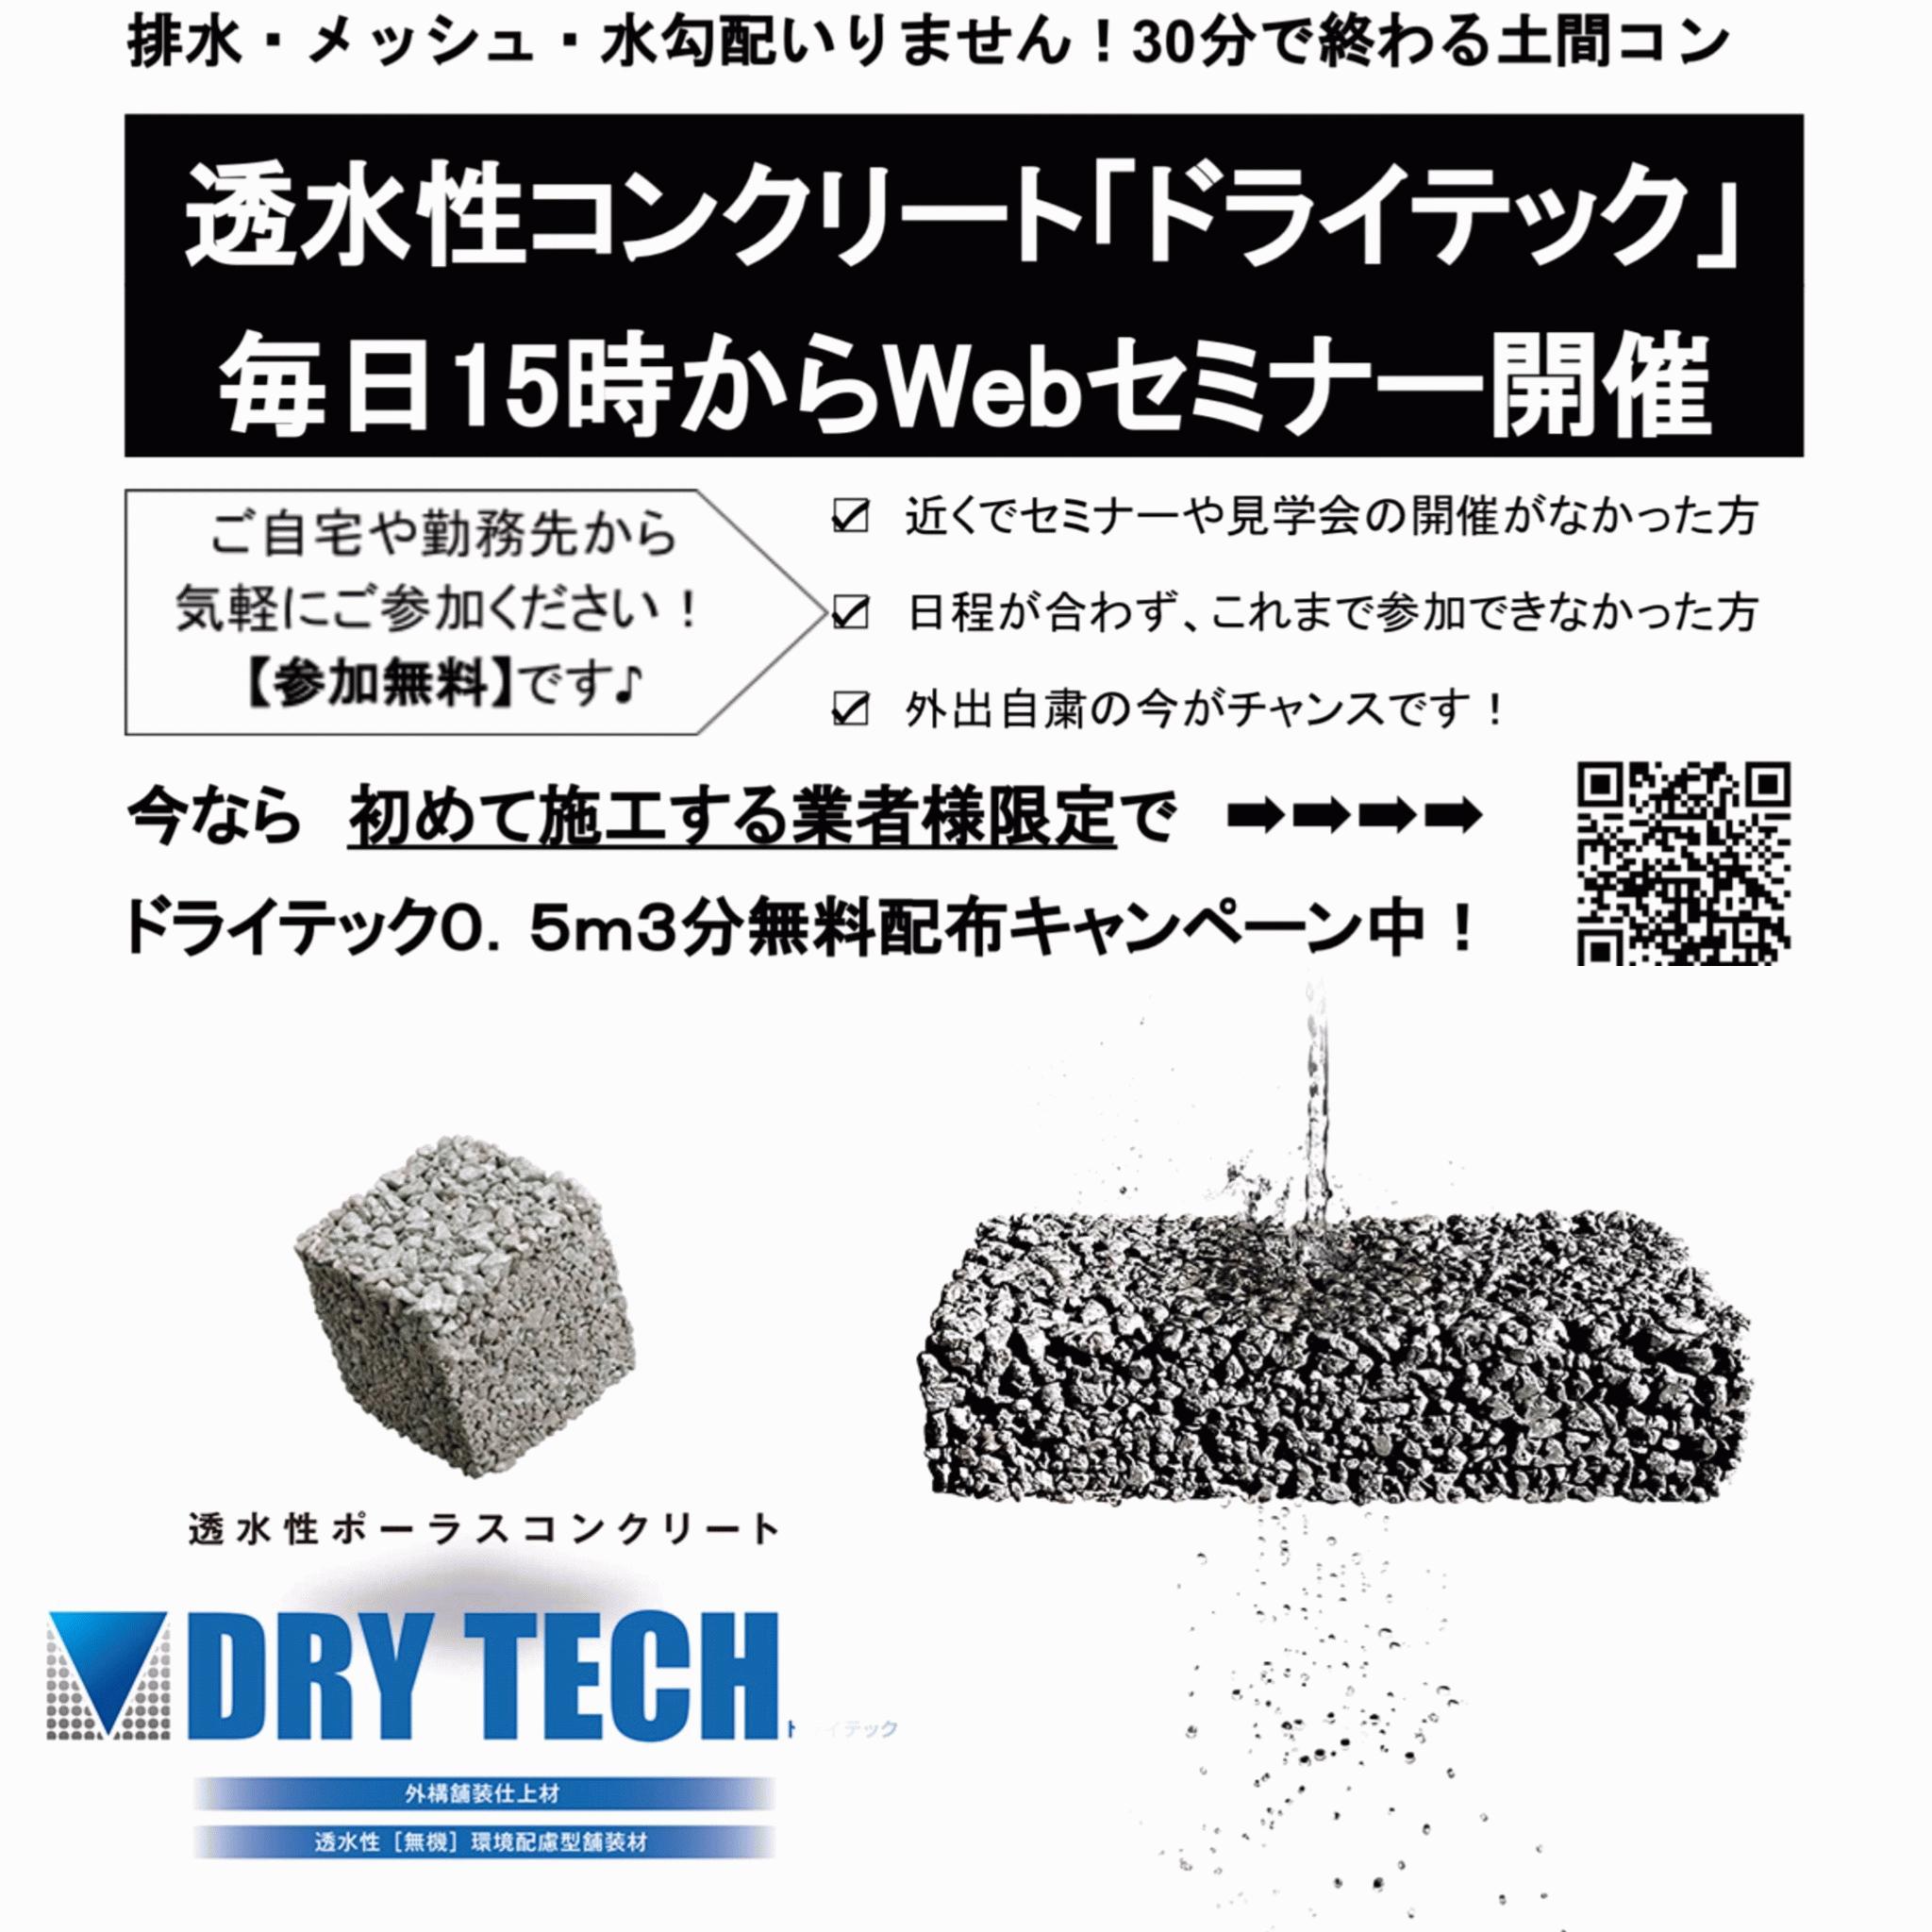 「コロナをチャンスに!」おうちにいよう・STAYHOME・DIY・お庭・生コン・透水性コンクリート